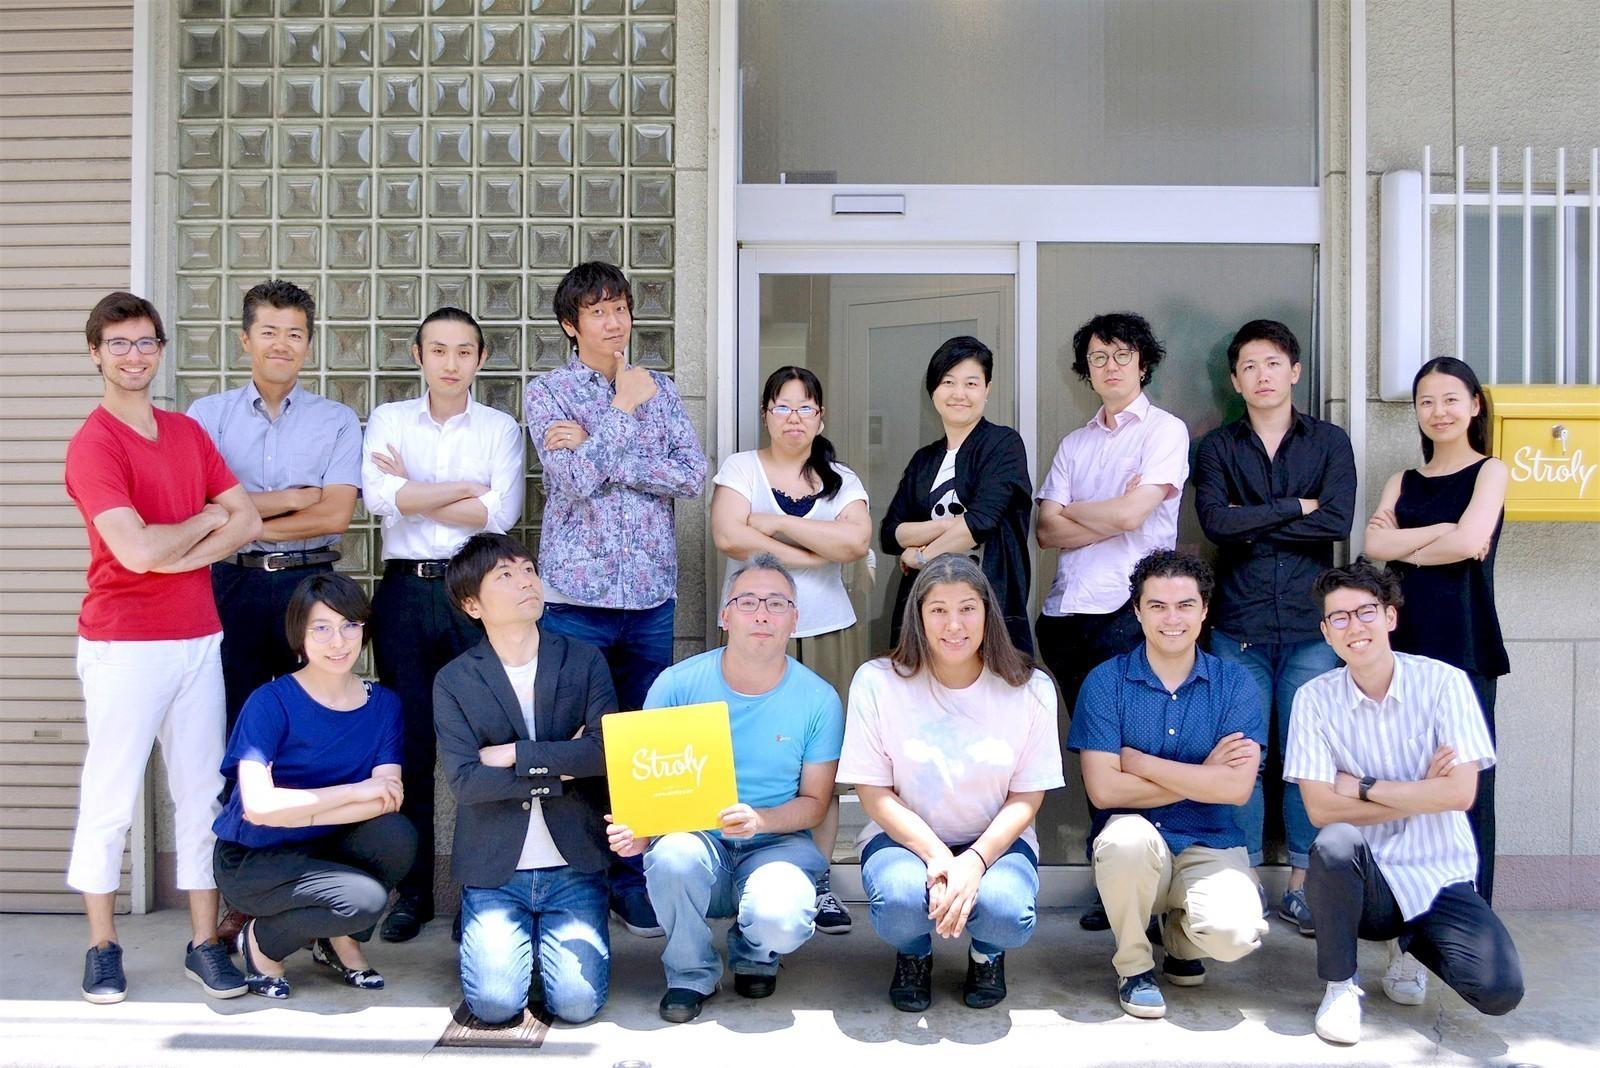 京都発スタートアップで地図のCGMプラットフォーム開発を手がけるPythonエンジニア募集(京都勤務)